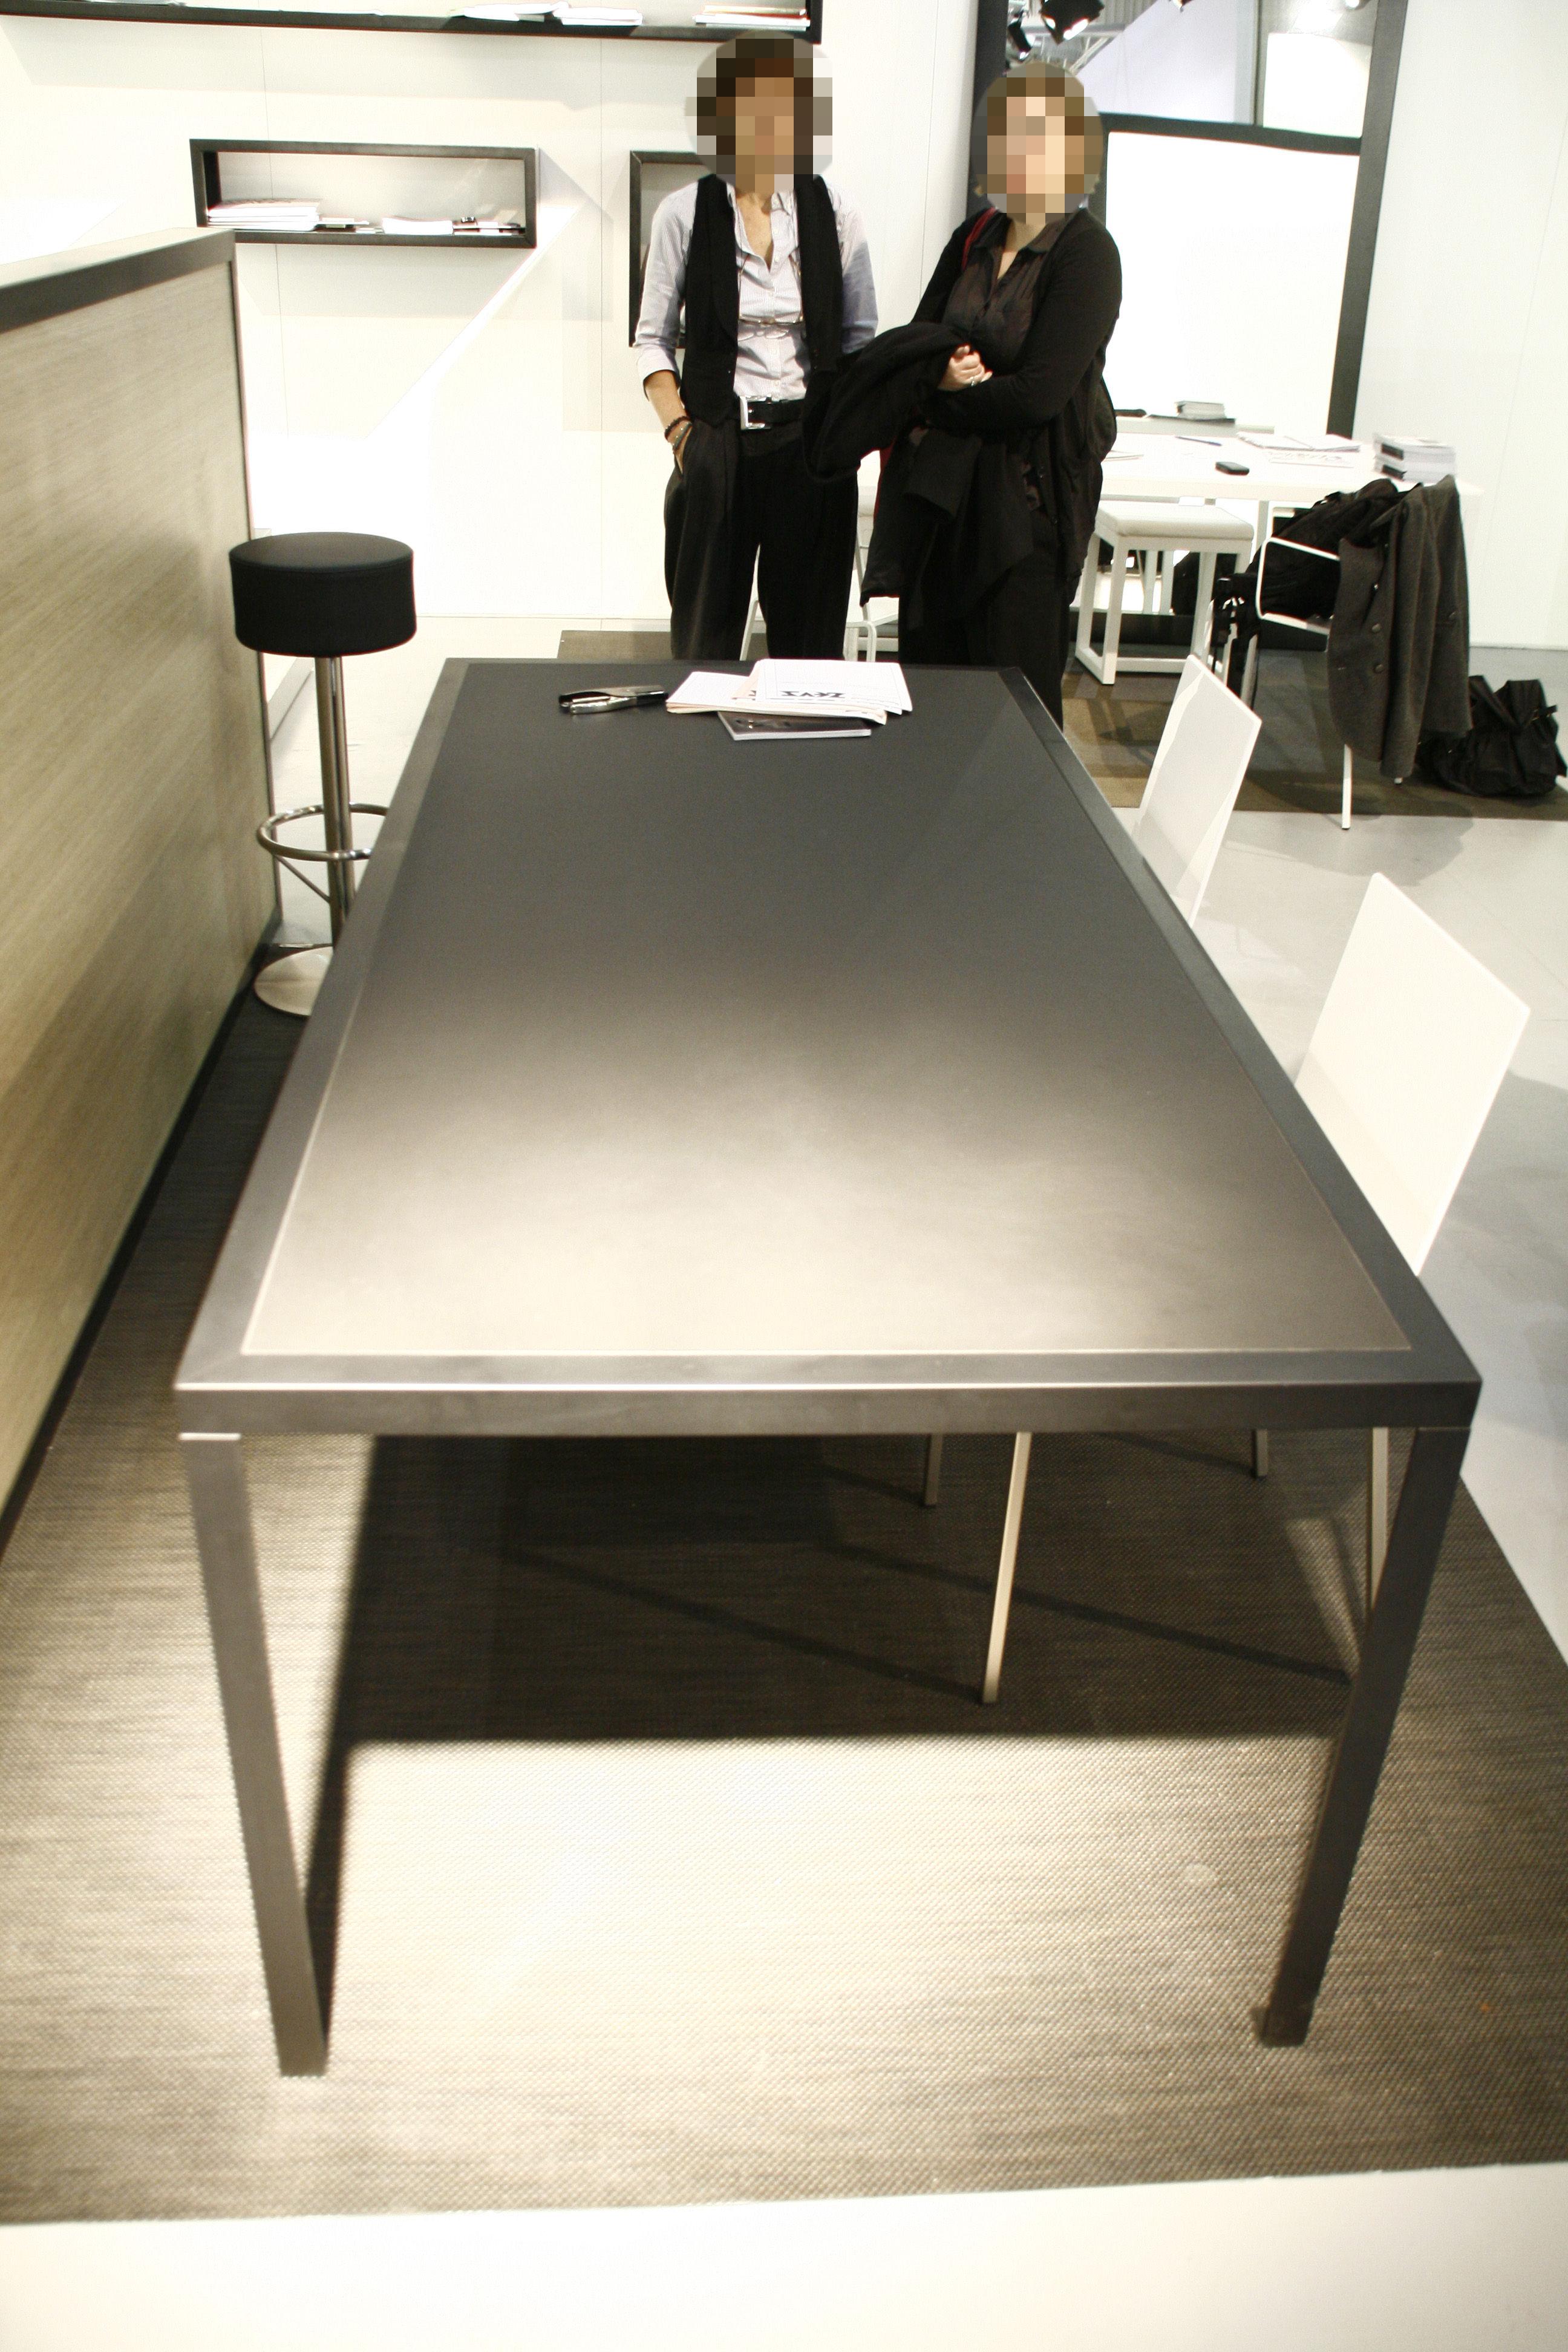 Table tavolo 180 x 90 cm plateau linoleum noir zeus for Plateau table 180